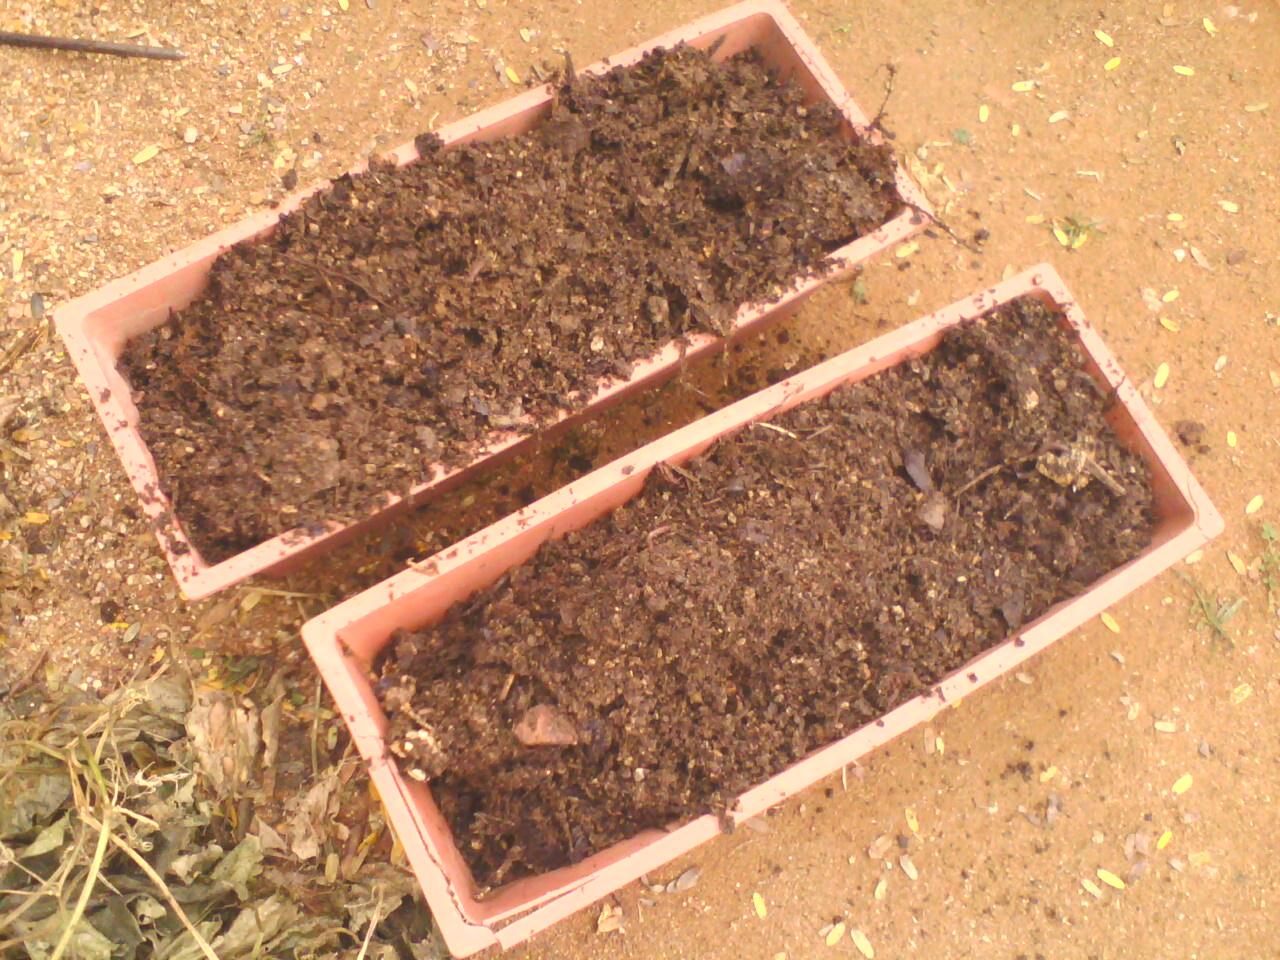 Cantinho do artesanato compostagem for Posso ipotecare terra